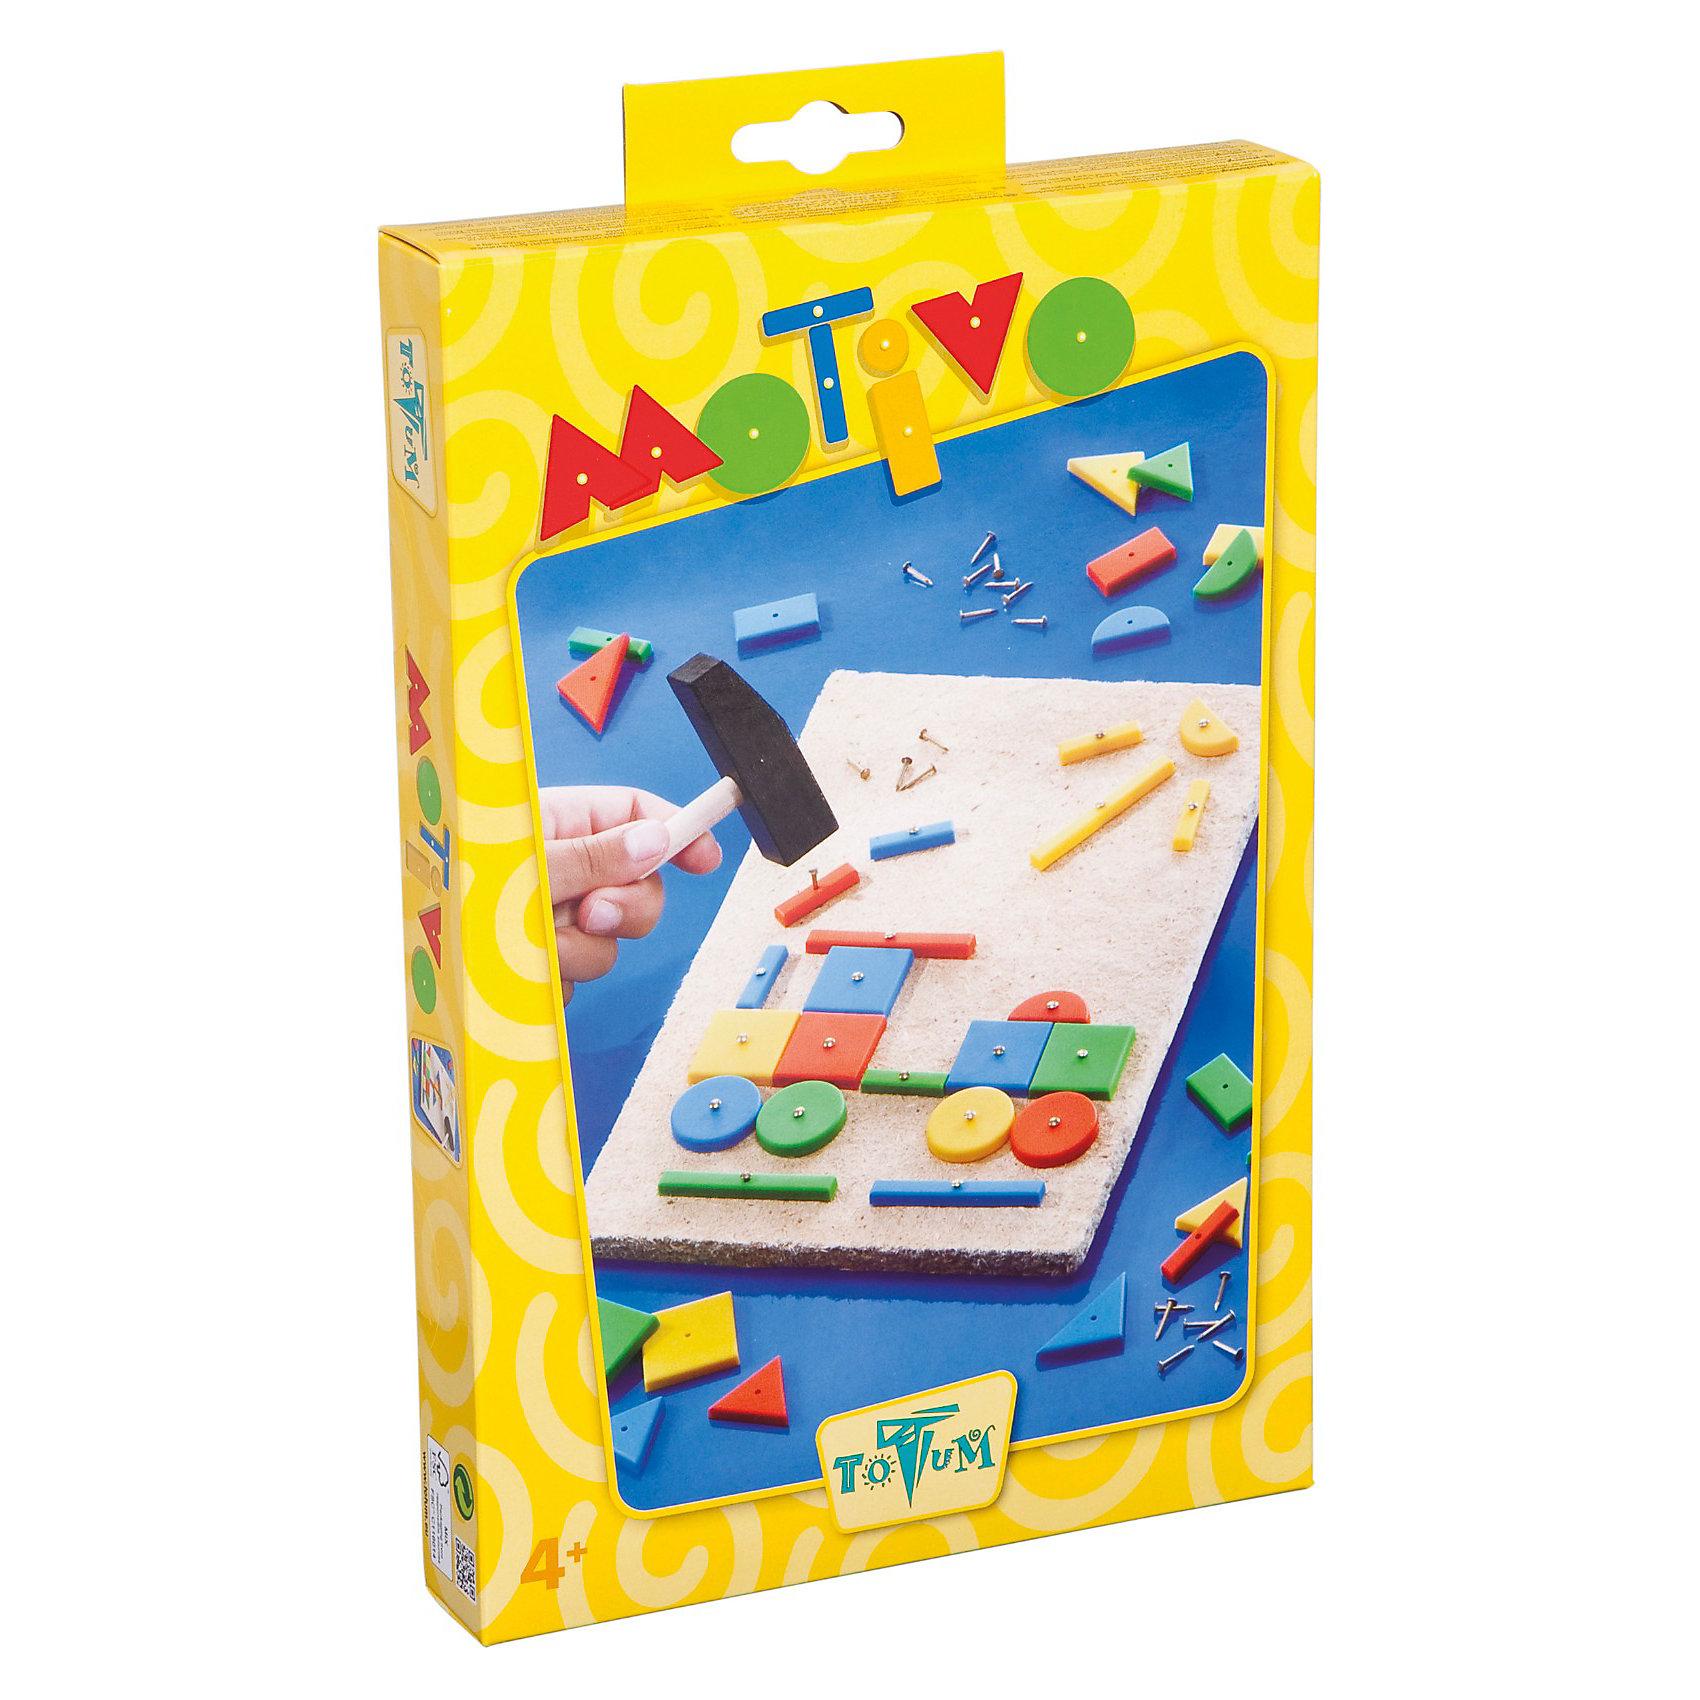 Набор для мальчиков АппликацииЭтот набор создан специально для мальчиков. Вашему юному конструктору понравится делать аппликации при помощи настоящих гвоздиков и молоточка! Совмещая творческий подход с практической работой инструментами, ваш ребёнок разовьёт фантазию, усердие, глазомер. <br><br>Дополнительная информация:<br><br>- Материал: дерево, металл.<br>- Комплектация: пробковая панель, молоточек деревянный, 40 блестящих гвоздиков, 40 цветных пластиковых геометрических фигурок с отверстиями.<br><br>Набор для мальчиков Аппликации можно купить в нашем магазине.<br><br>Ширина мм: 35<br>Глубина мм: 270<br>Высота мм: 180<br>Вес г: 219<br>Возраст от месяцев: 72<br>Возраст до месяцев: 144<br>Пол: Мужской<br>Возраст: Детский<br>SKU: 1017732